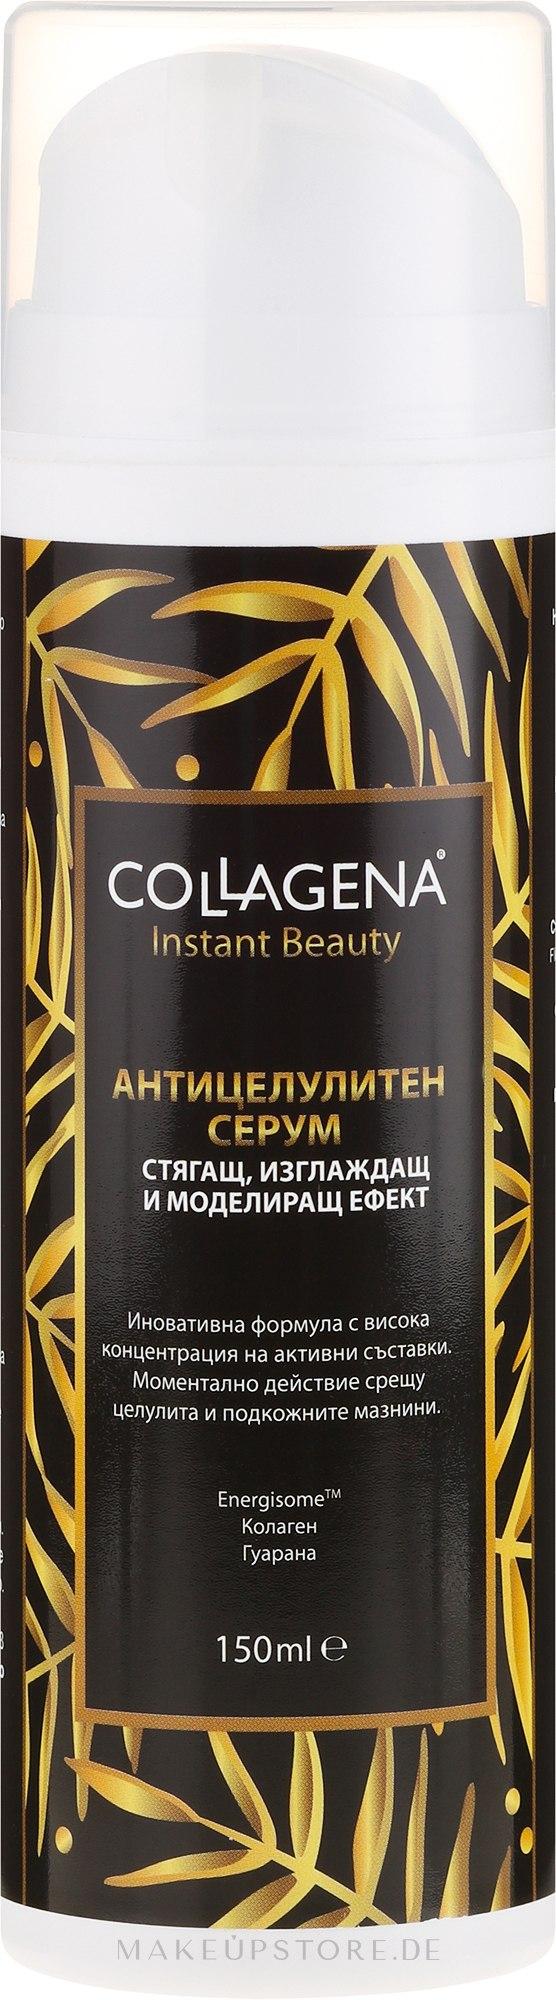 Anti-Cellulite Körperserum mit Kollagen und Guarana - Collagena Instant Beauty Anticellulite Serum — Bild 150 ml